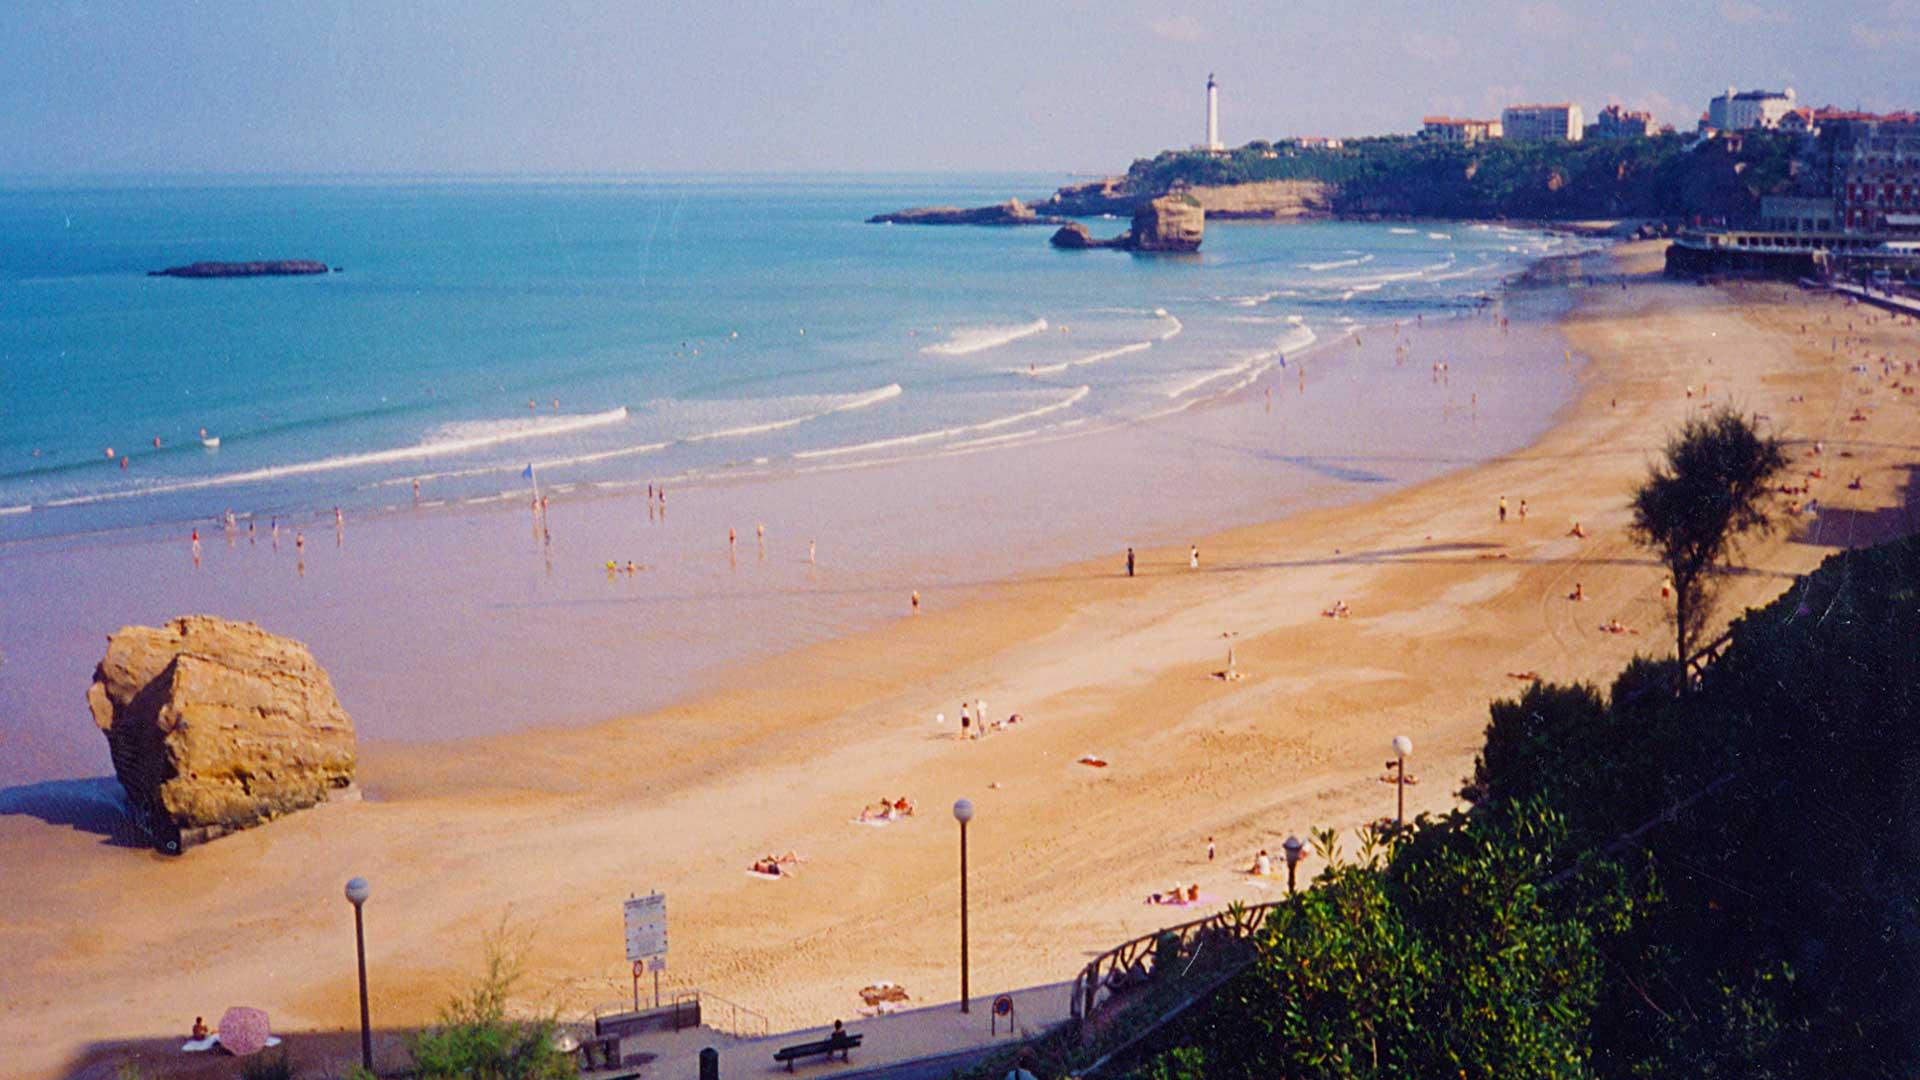 Steven Andrew Martin - Surfing Grande Plage, Biarritz, France